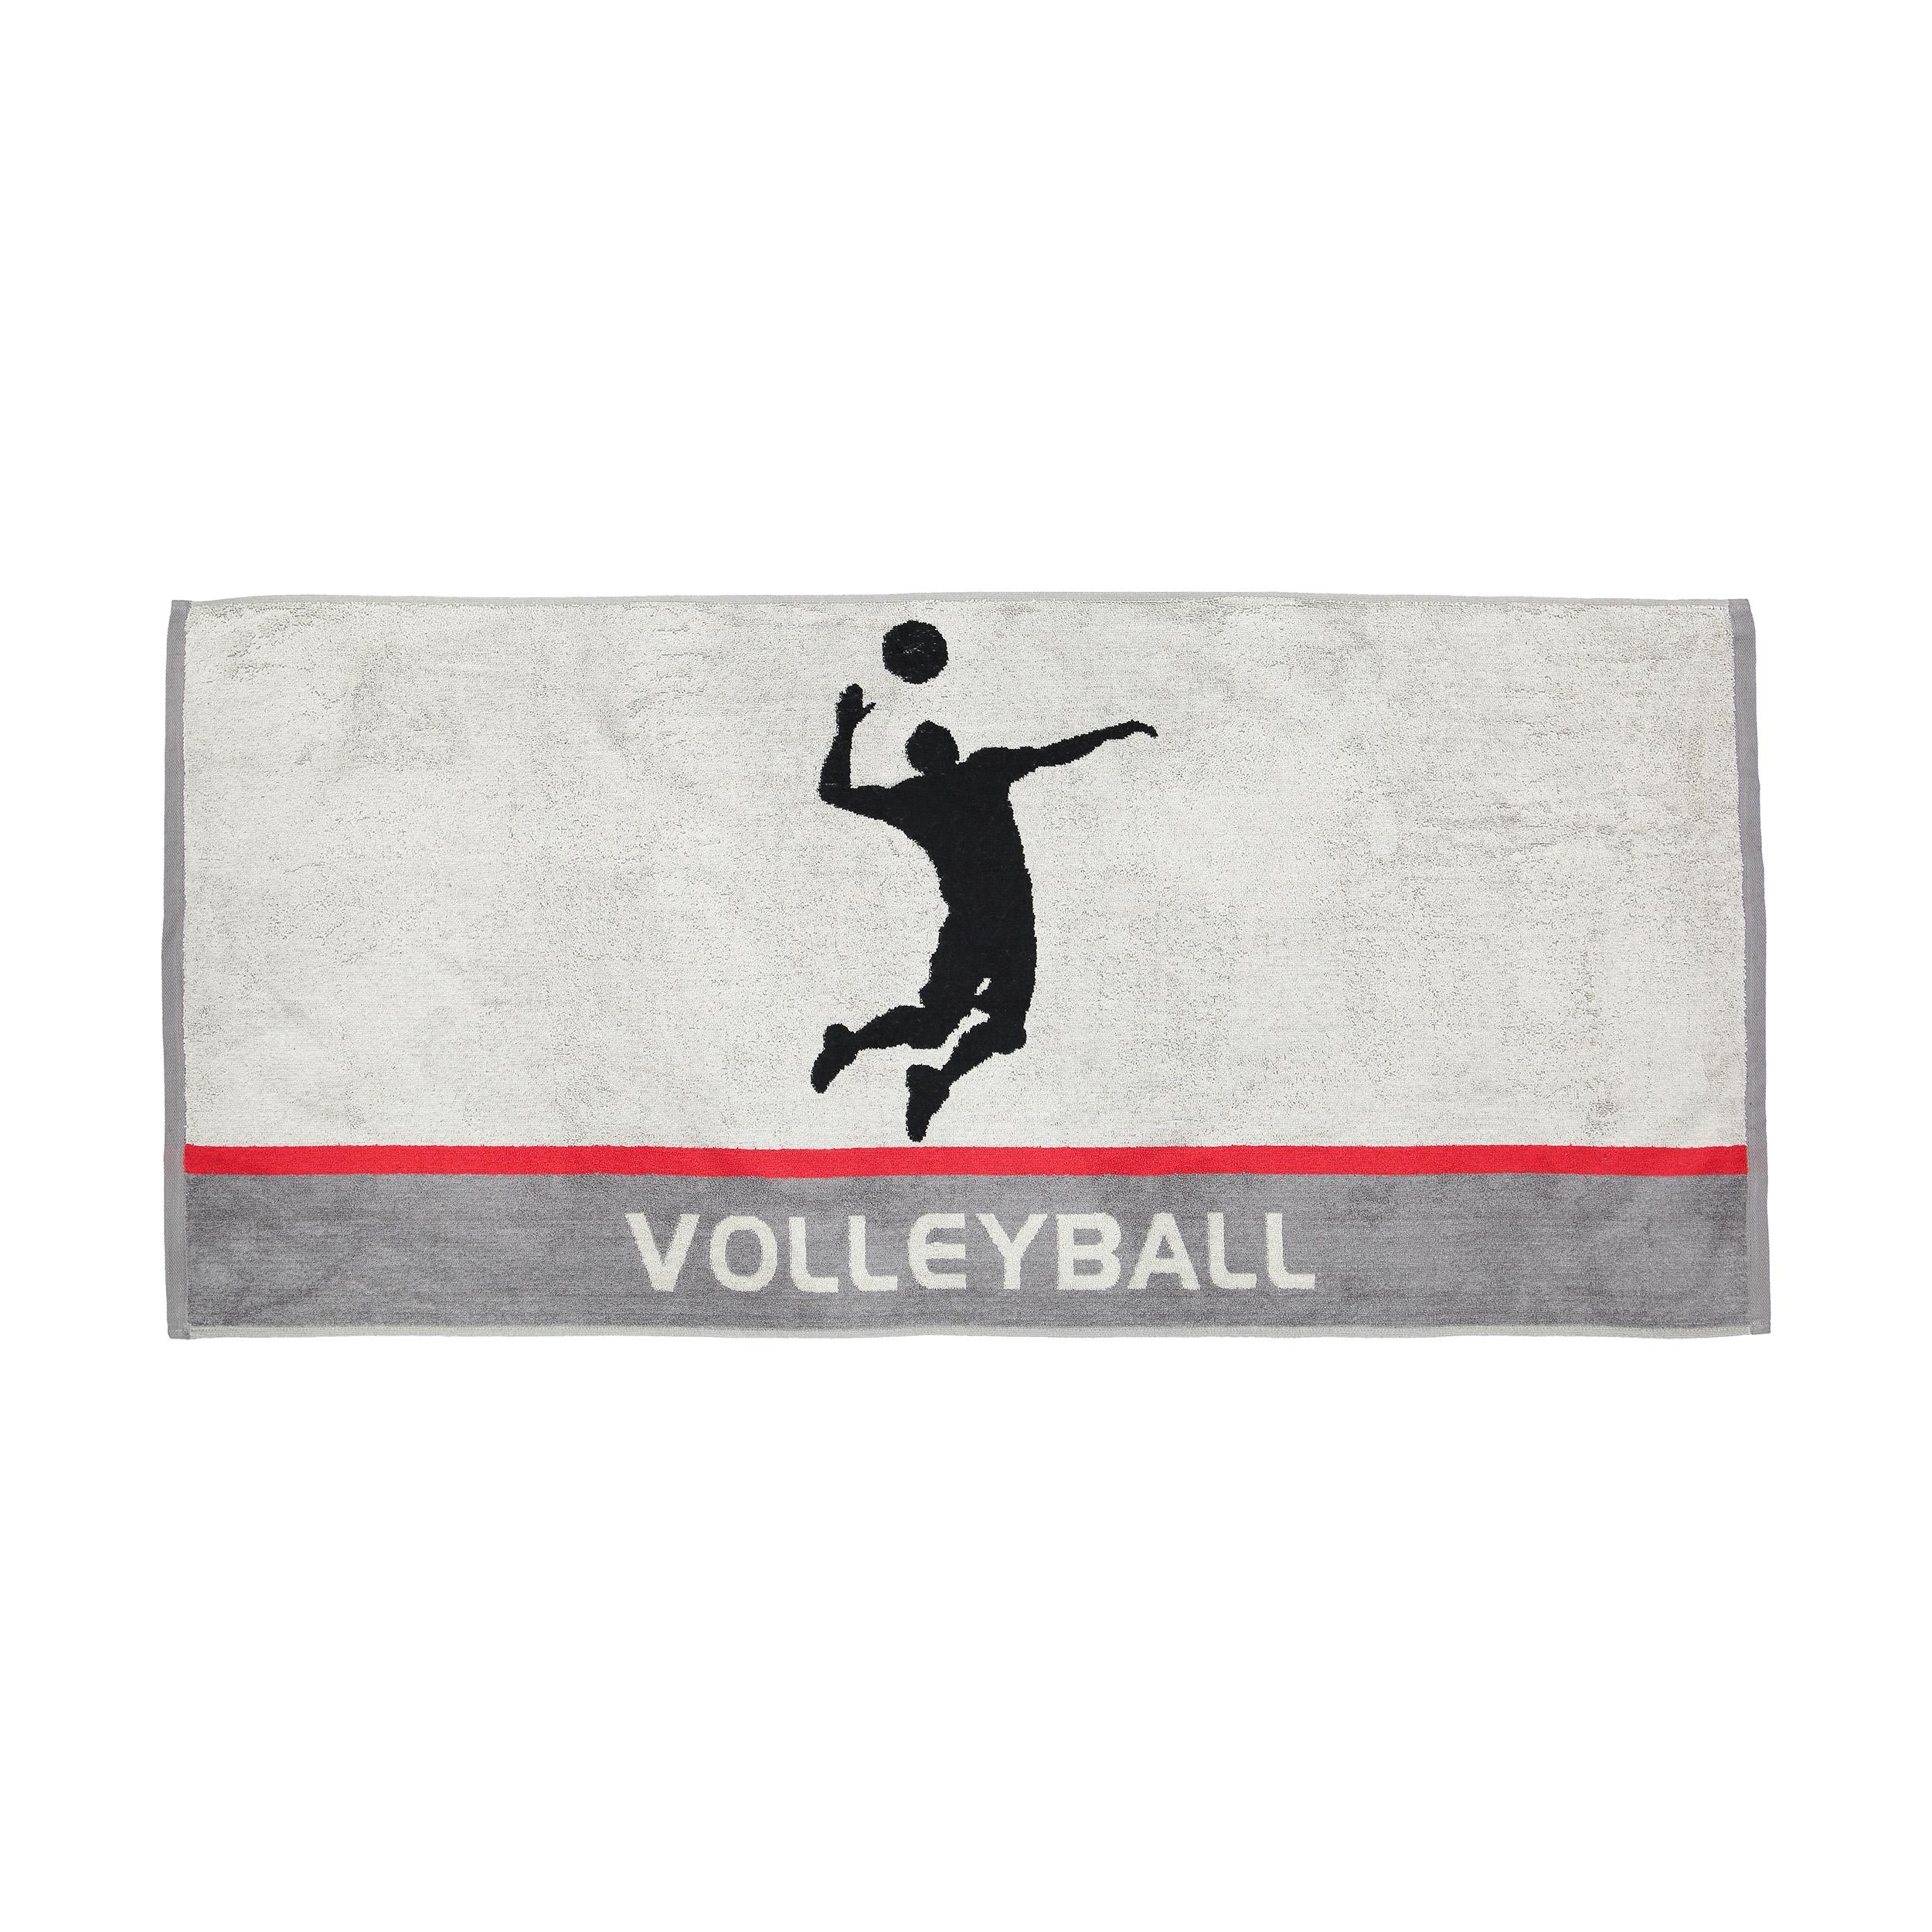 حوله استخری برق لامع مدل Volleyball سایز 65 × 140 سانتی متر